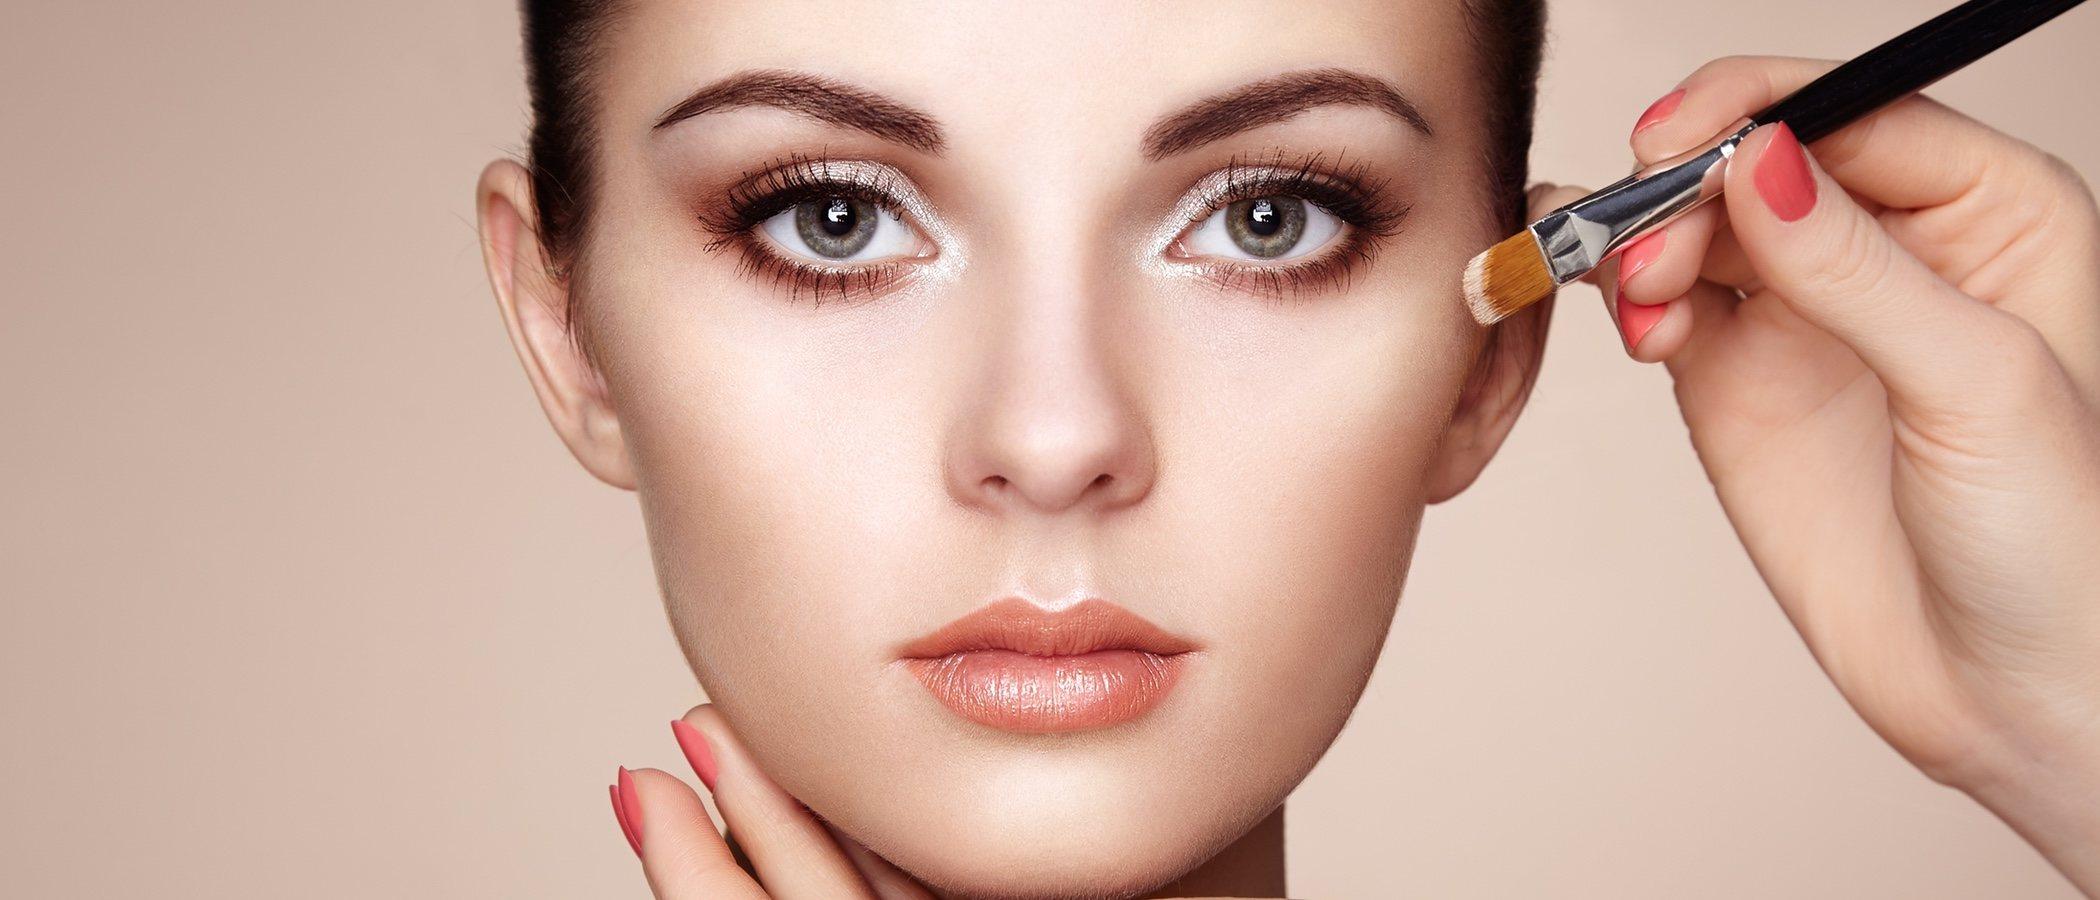 Cómo maquillarse si tienes la cara con forma de corazón